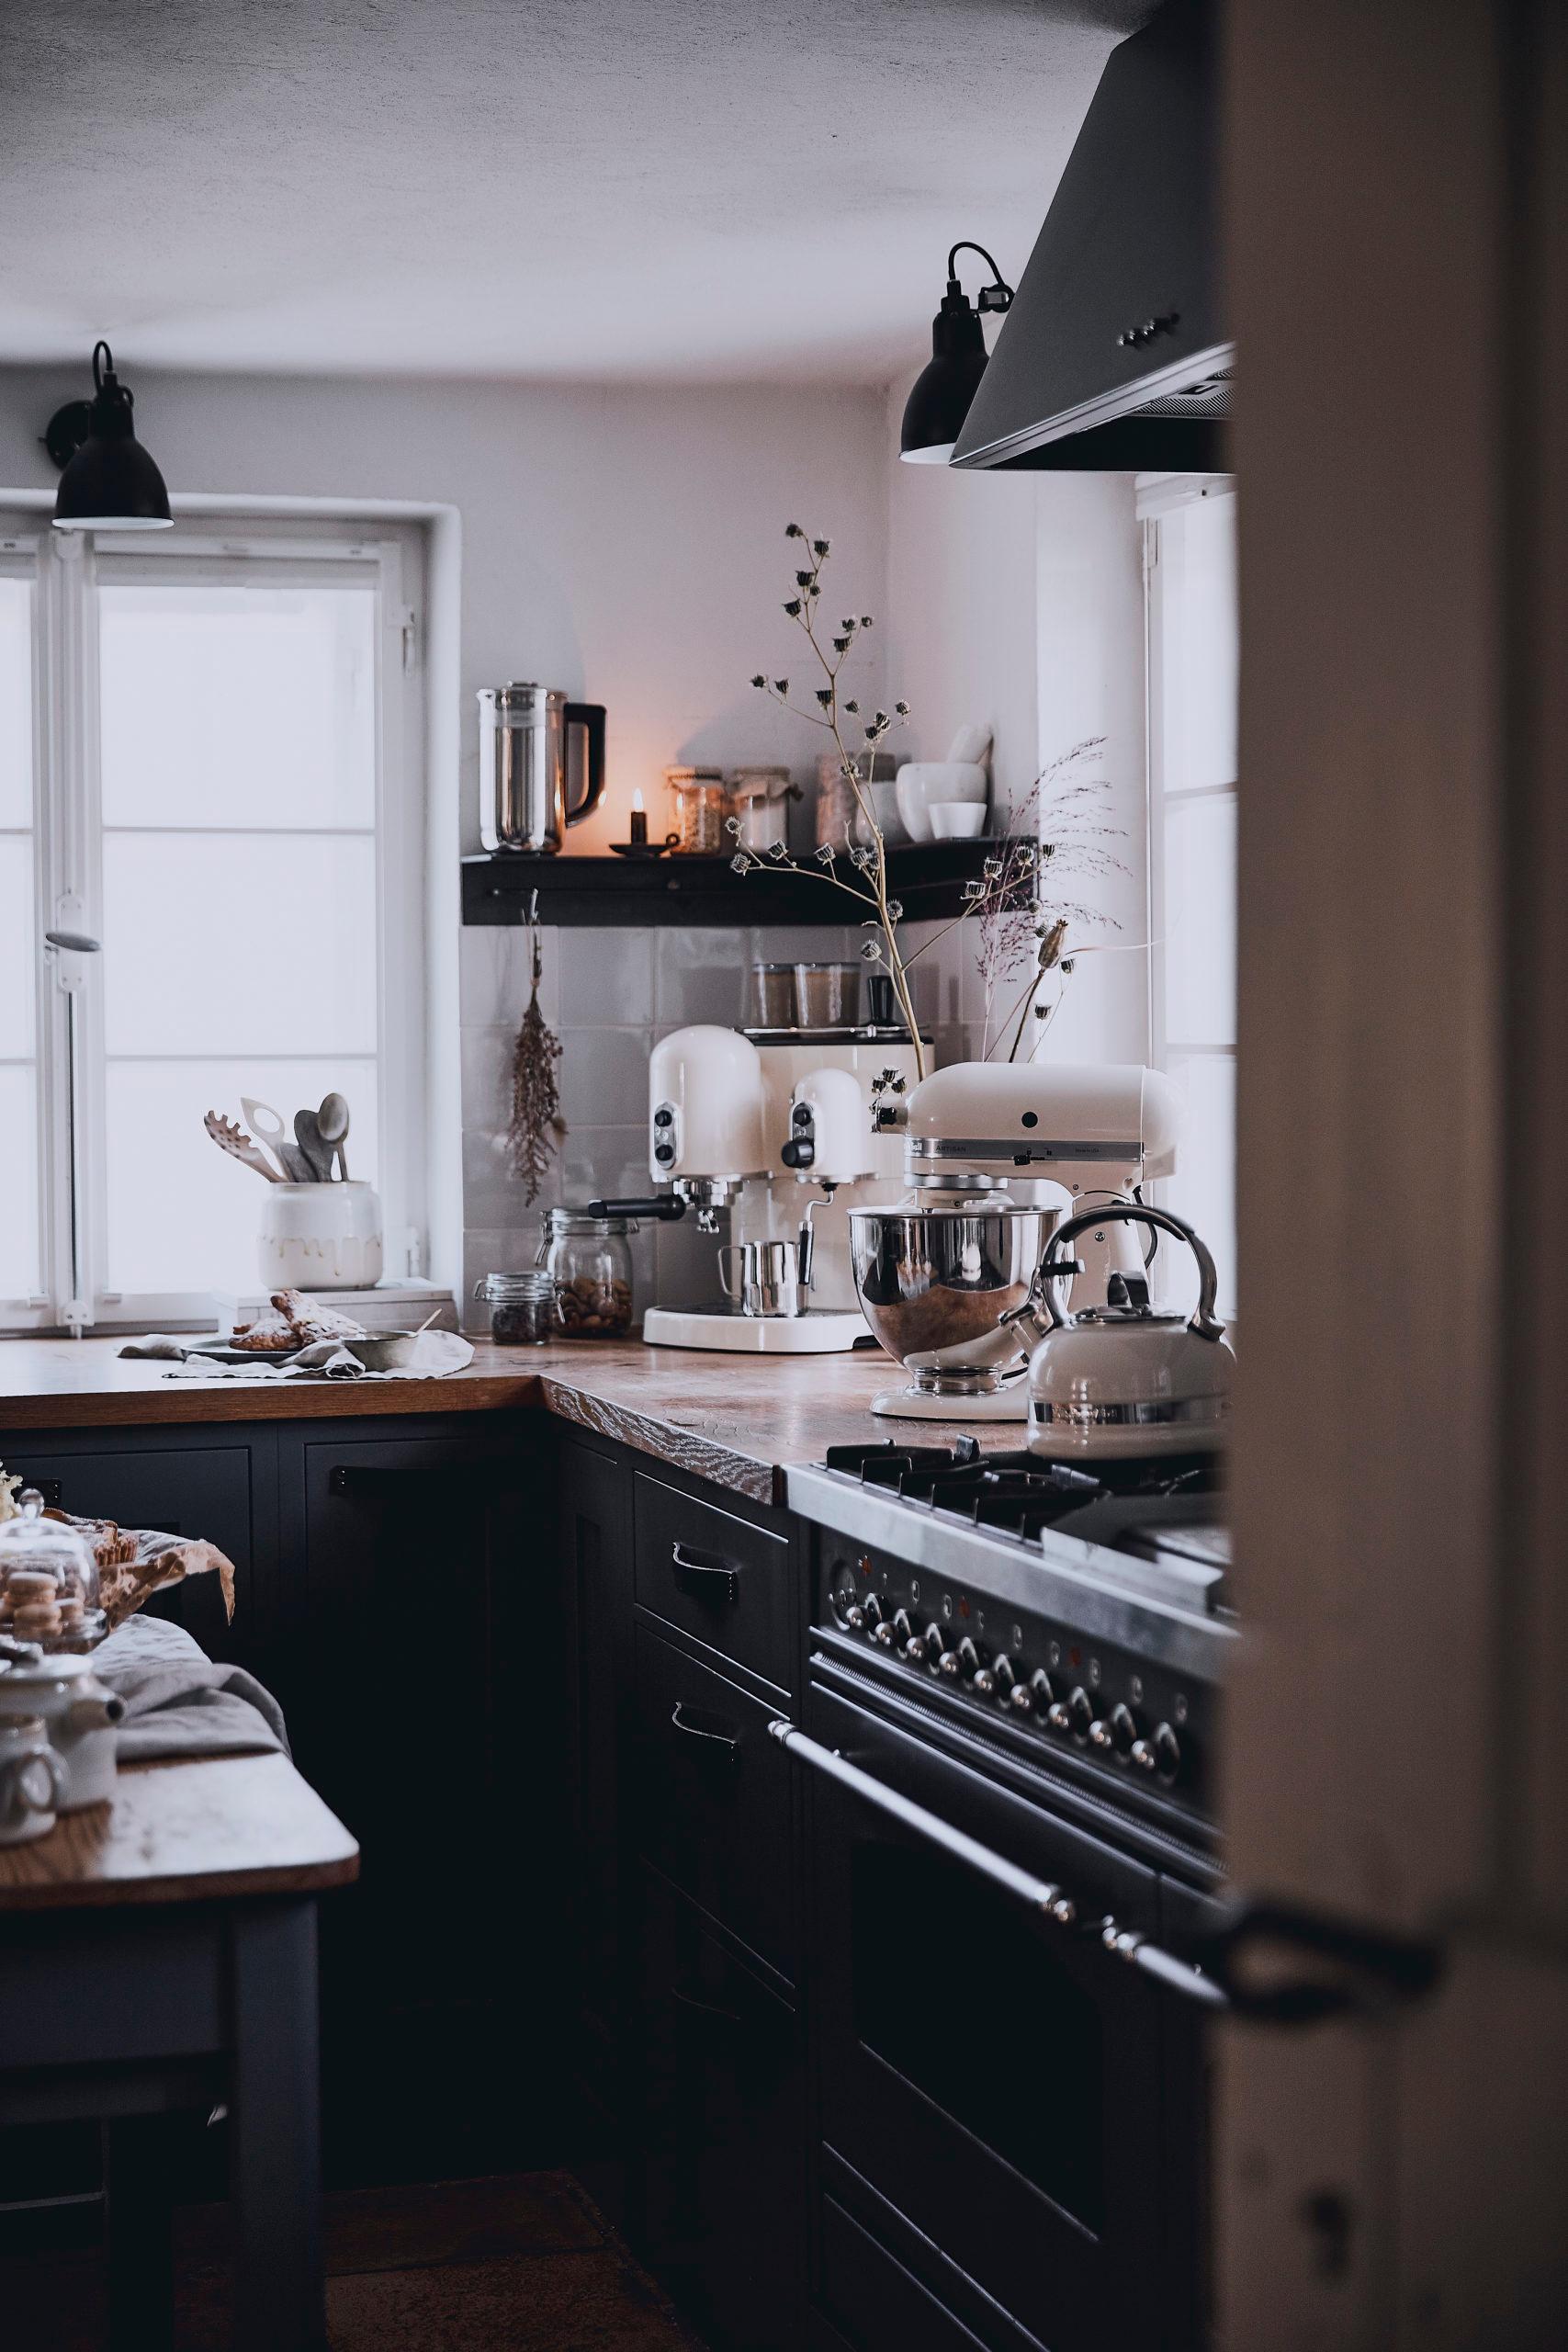 Nieuwe meubels in de keuken met moderne accessoires